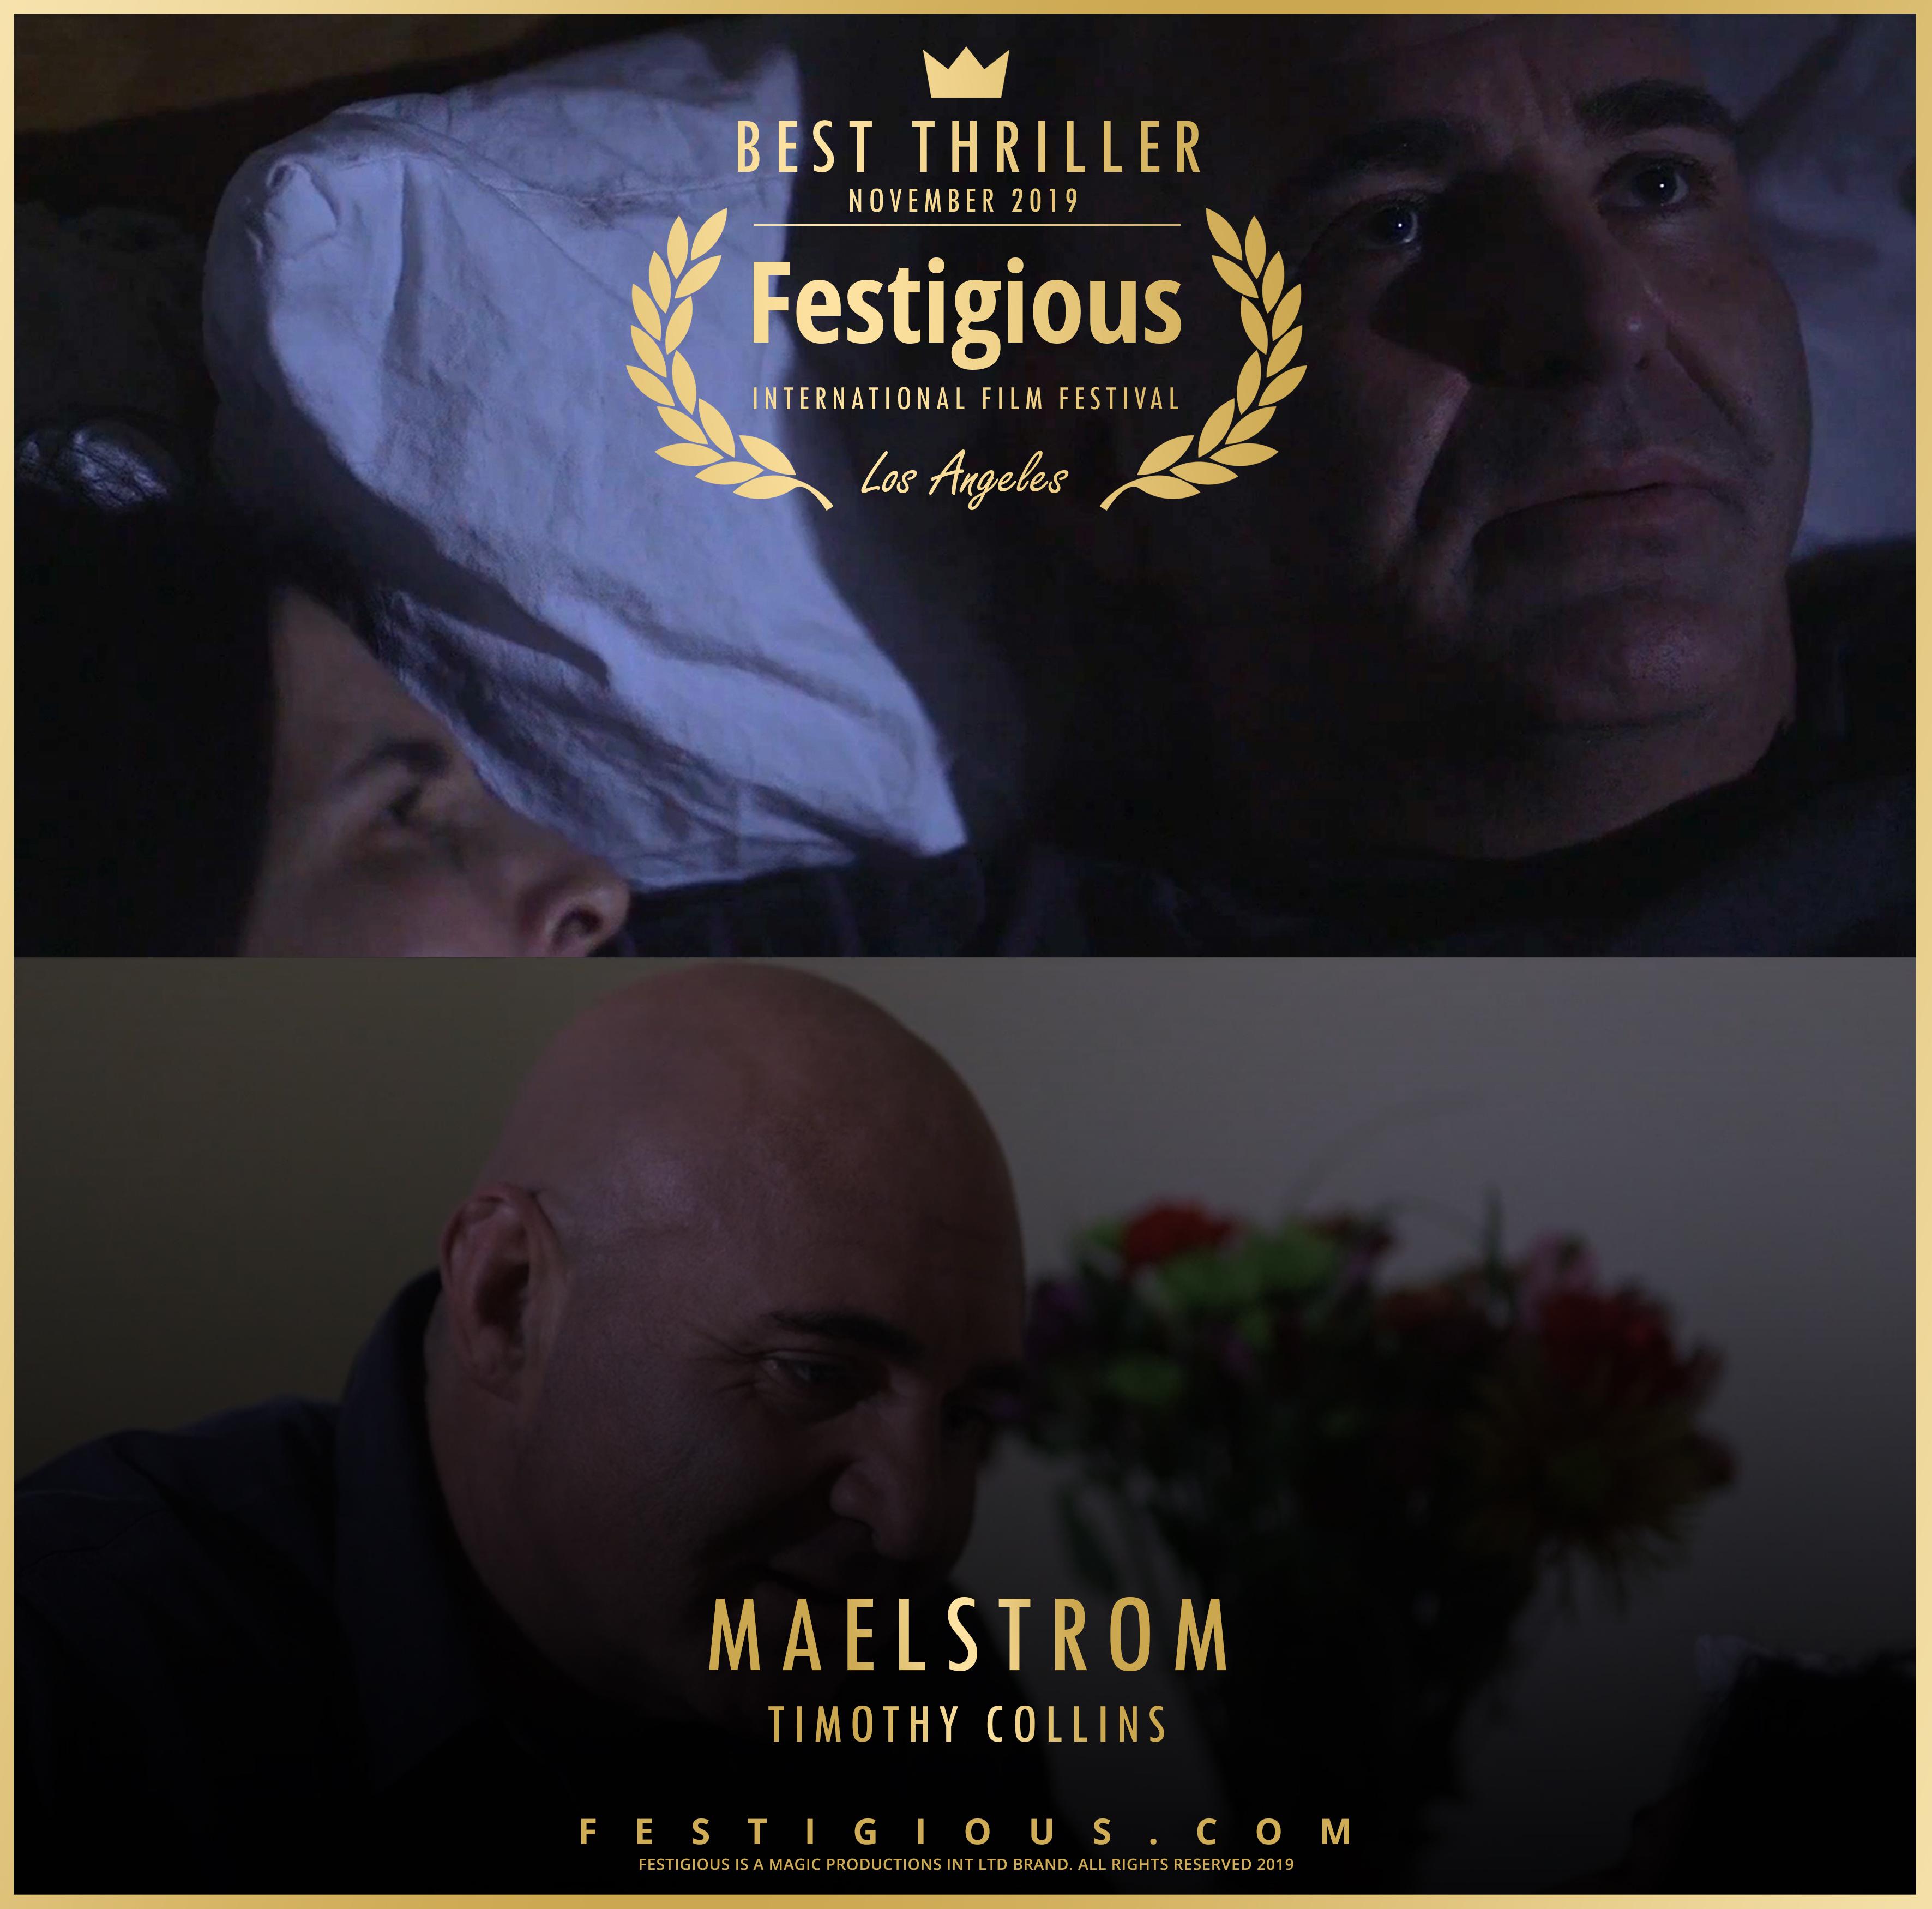 Maelstrom design